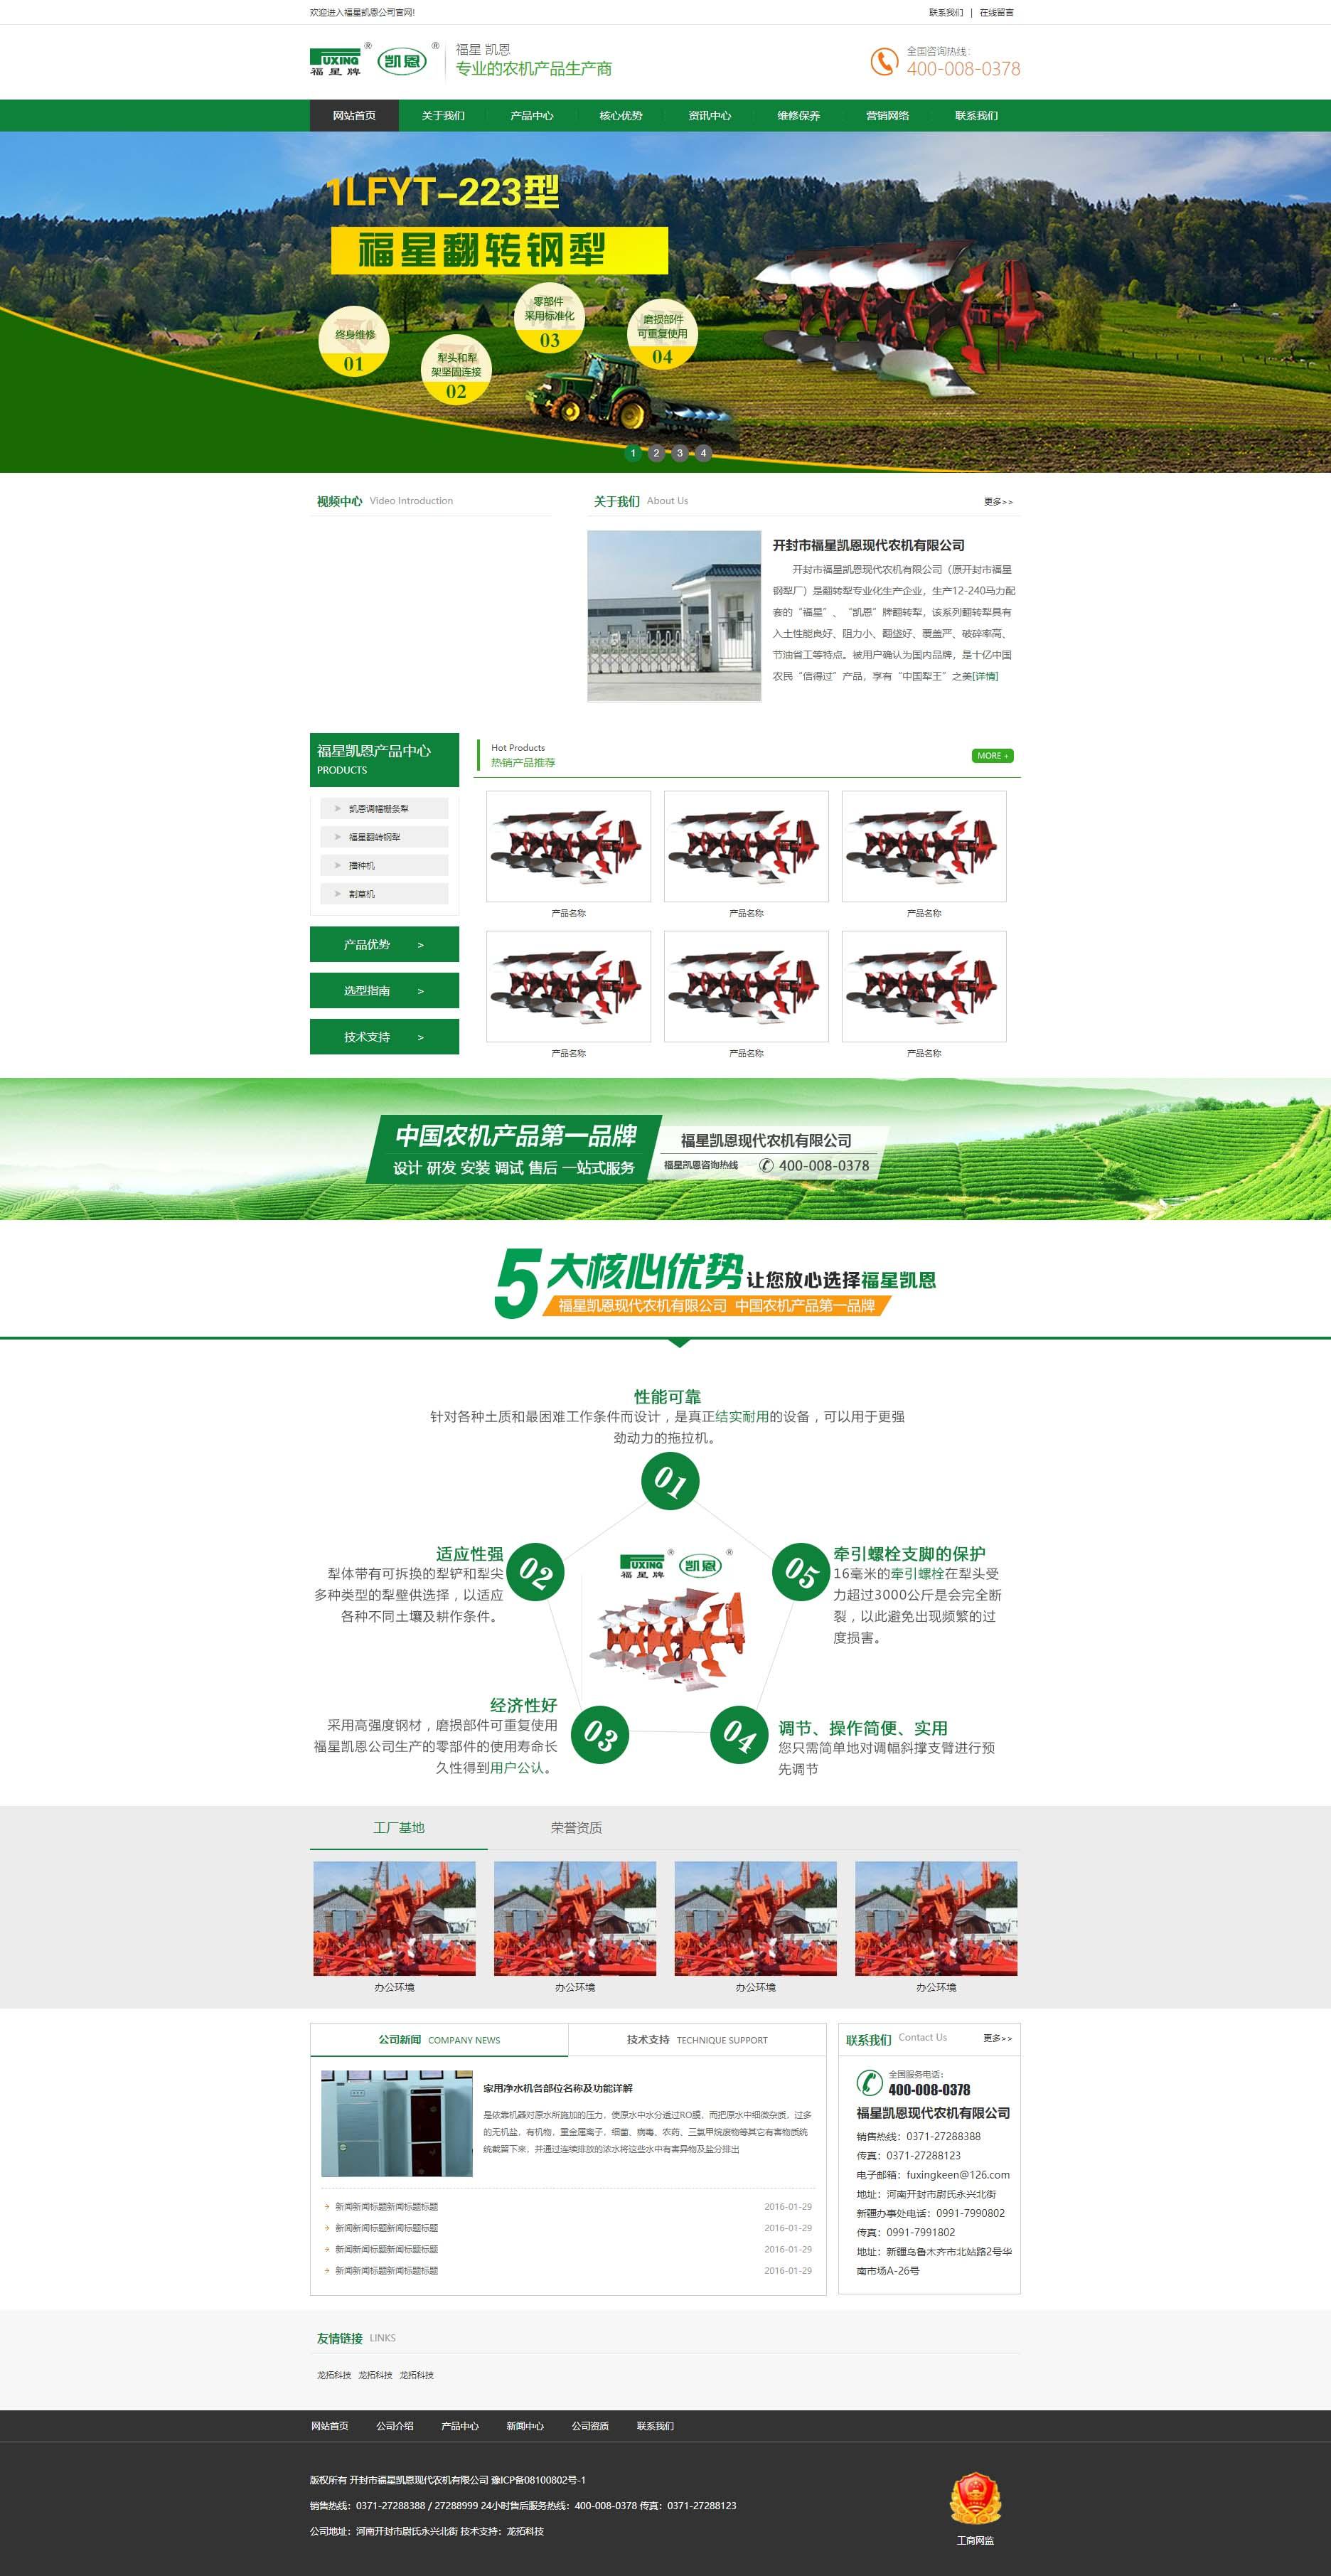 绿色的农业产品企业官网静态模板下载